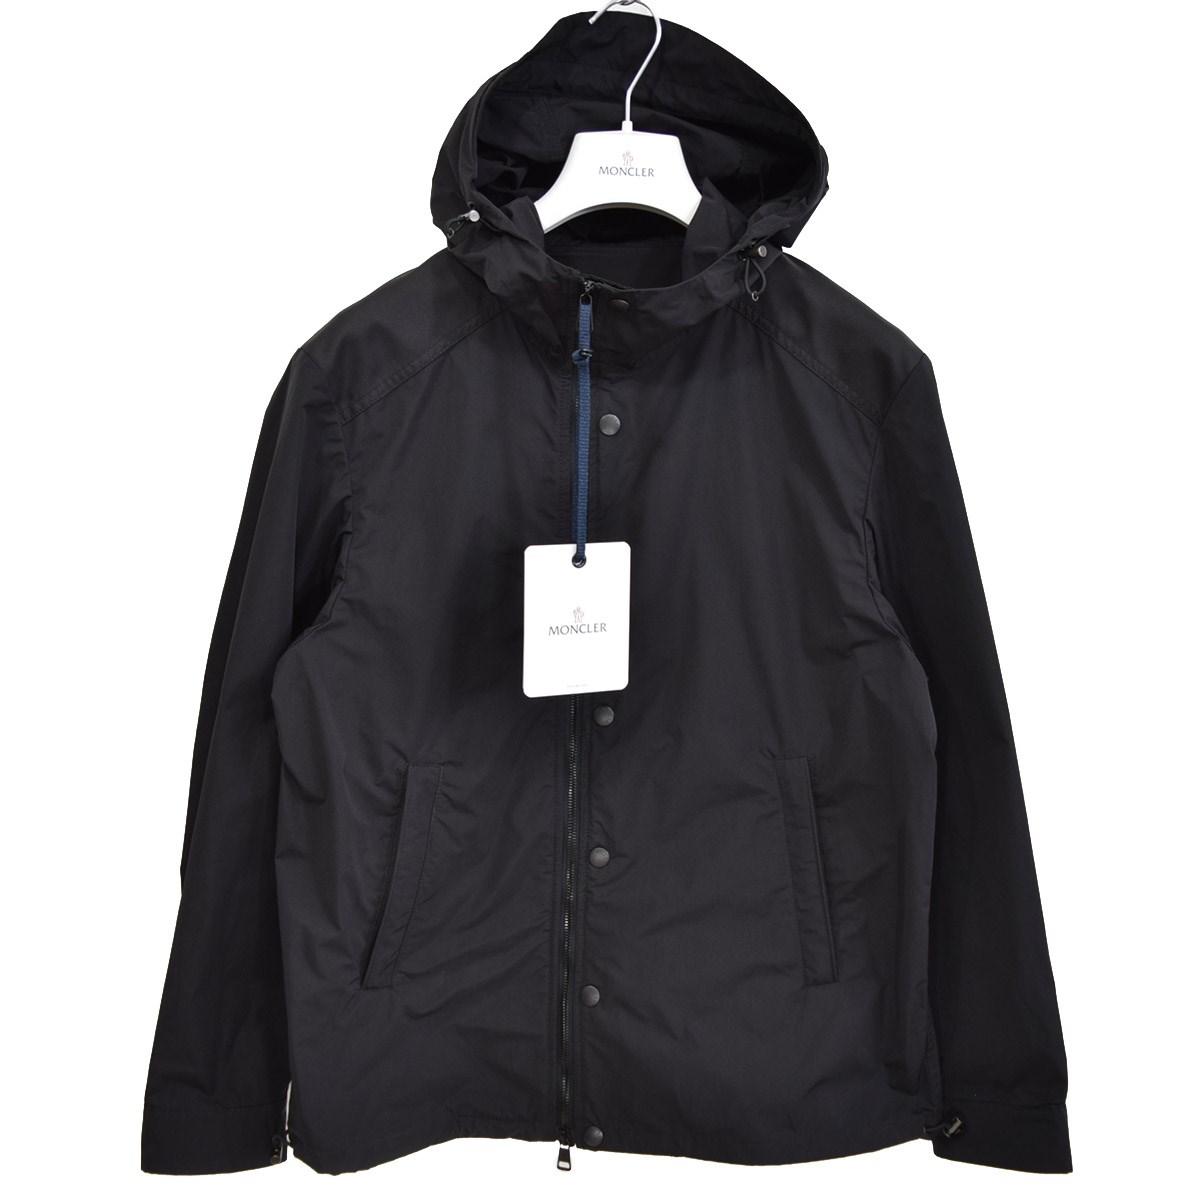 【中古】MONCLER NICHOLAS フーデッドジャケット 2019SS 国内正規品 ブラック サイズ:1 【100420】(モンクレール)